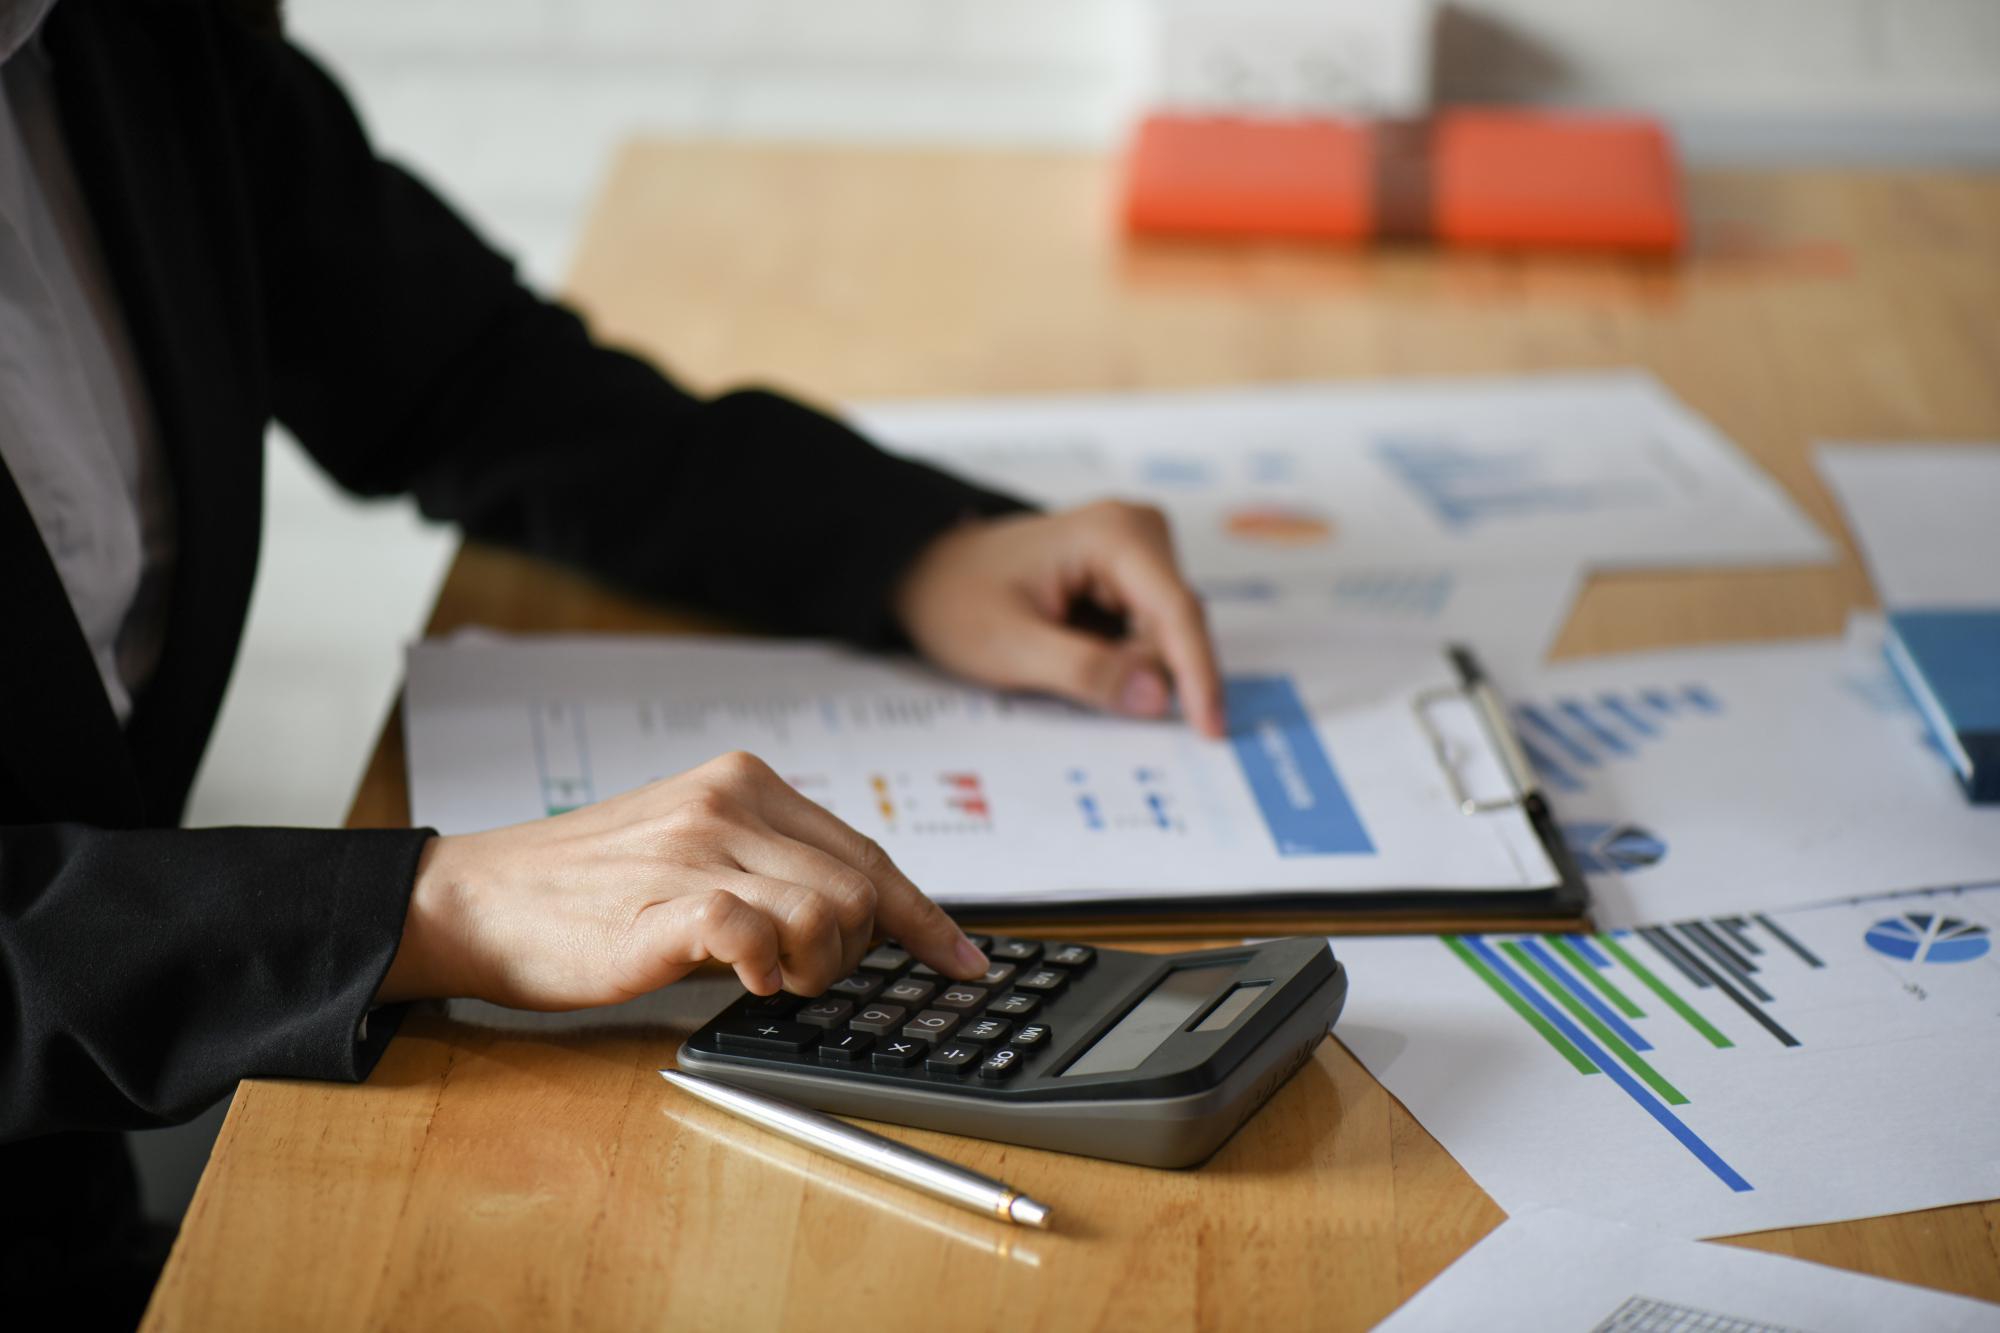 С 1 января 2014 года дополняются требования к ведению бухгалтерского учета